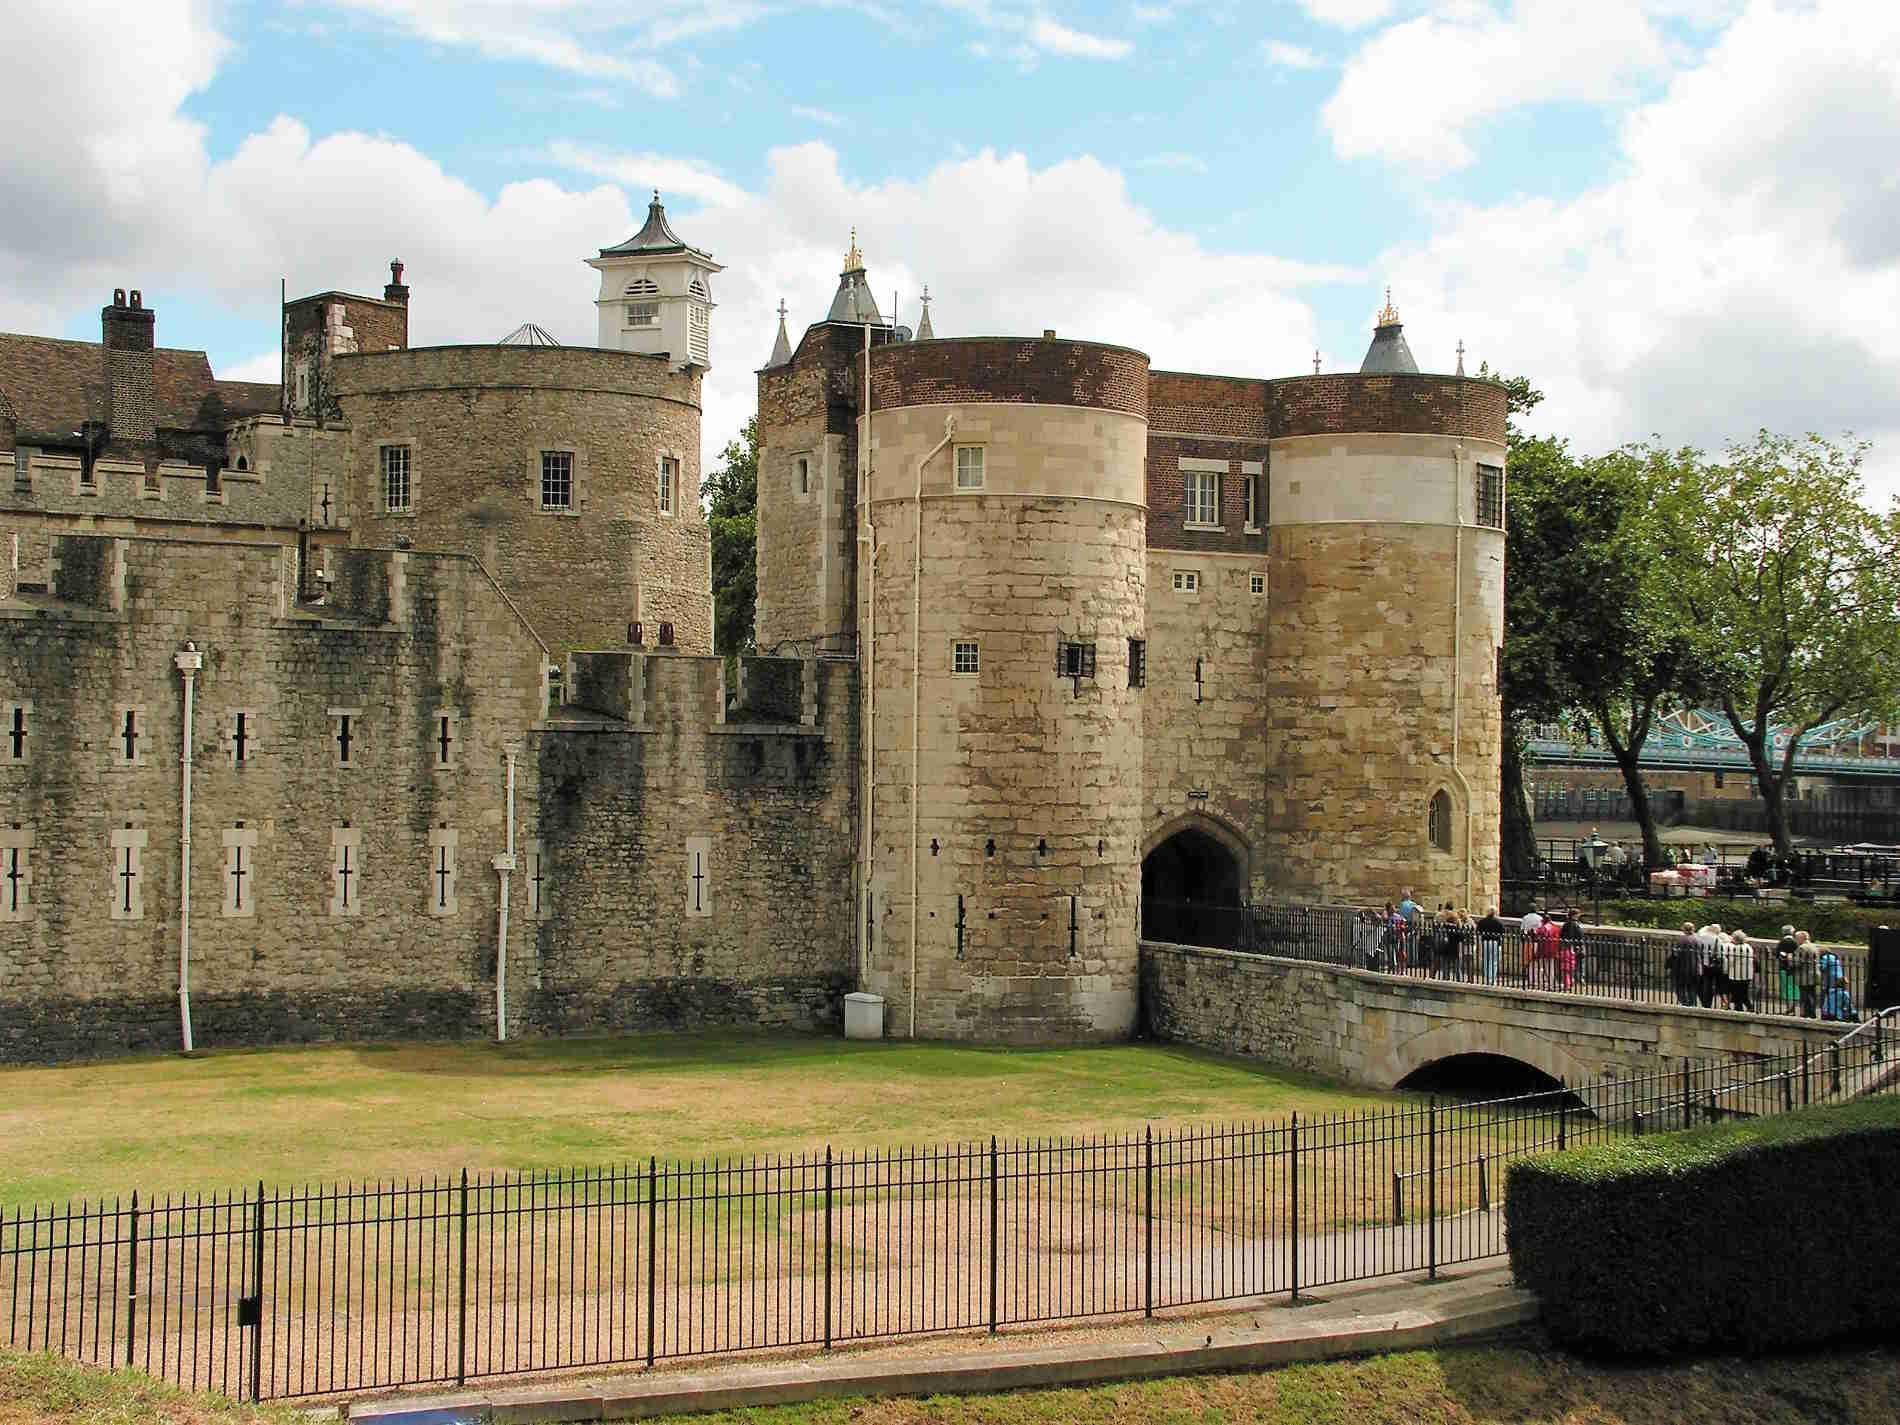 Viaggio nelle capitali europee - La Torre di Londra Regno Unito Inghilterra